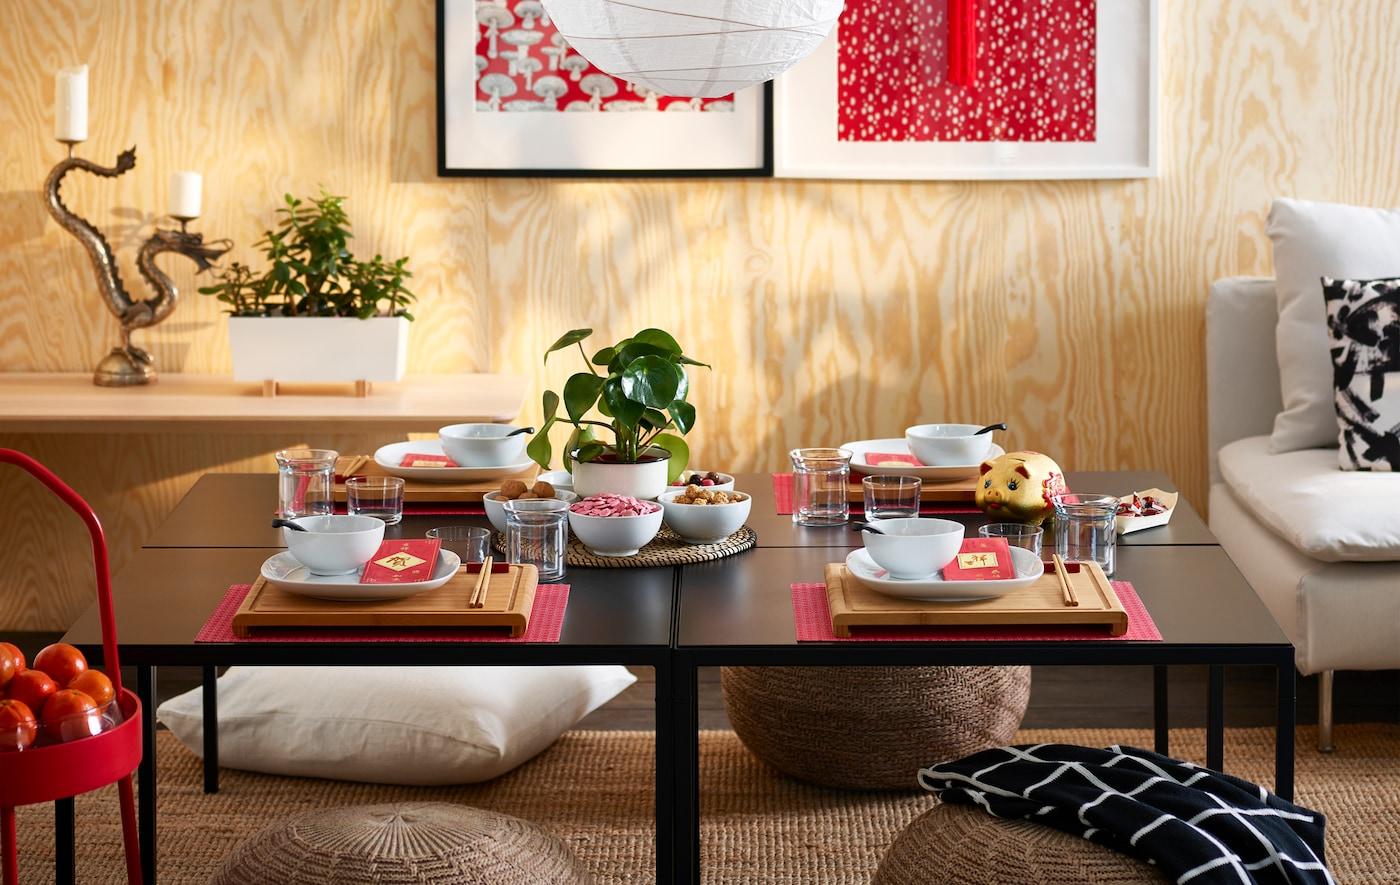 I taglieri RIMFORSA in bambù di IKEA sono ideali per creare una tavola d'effetto